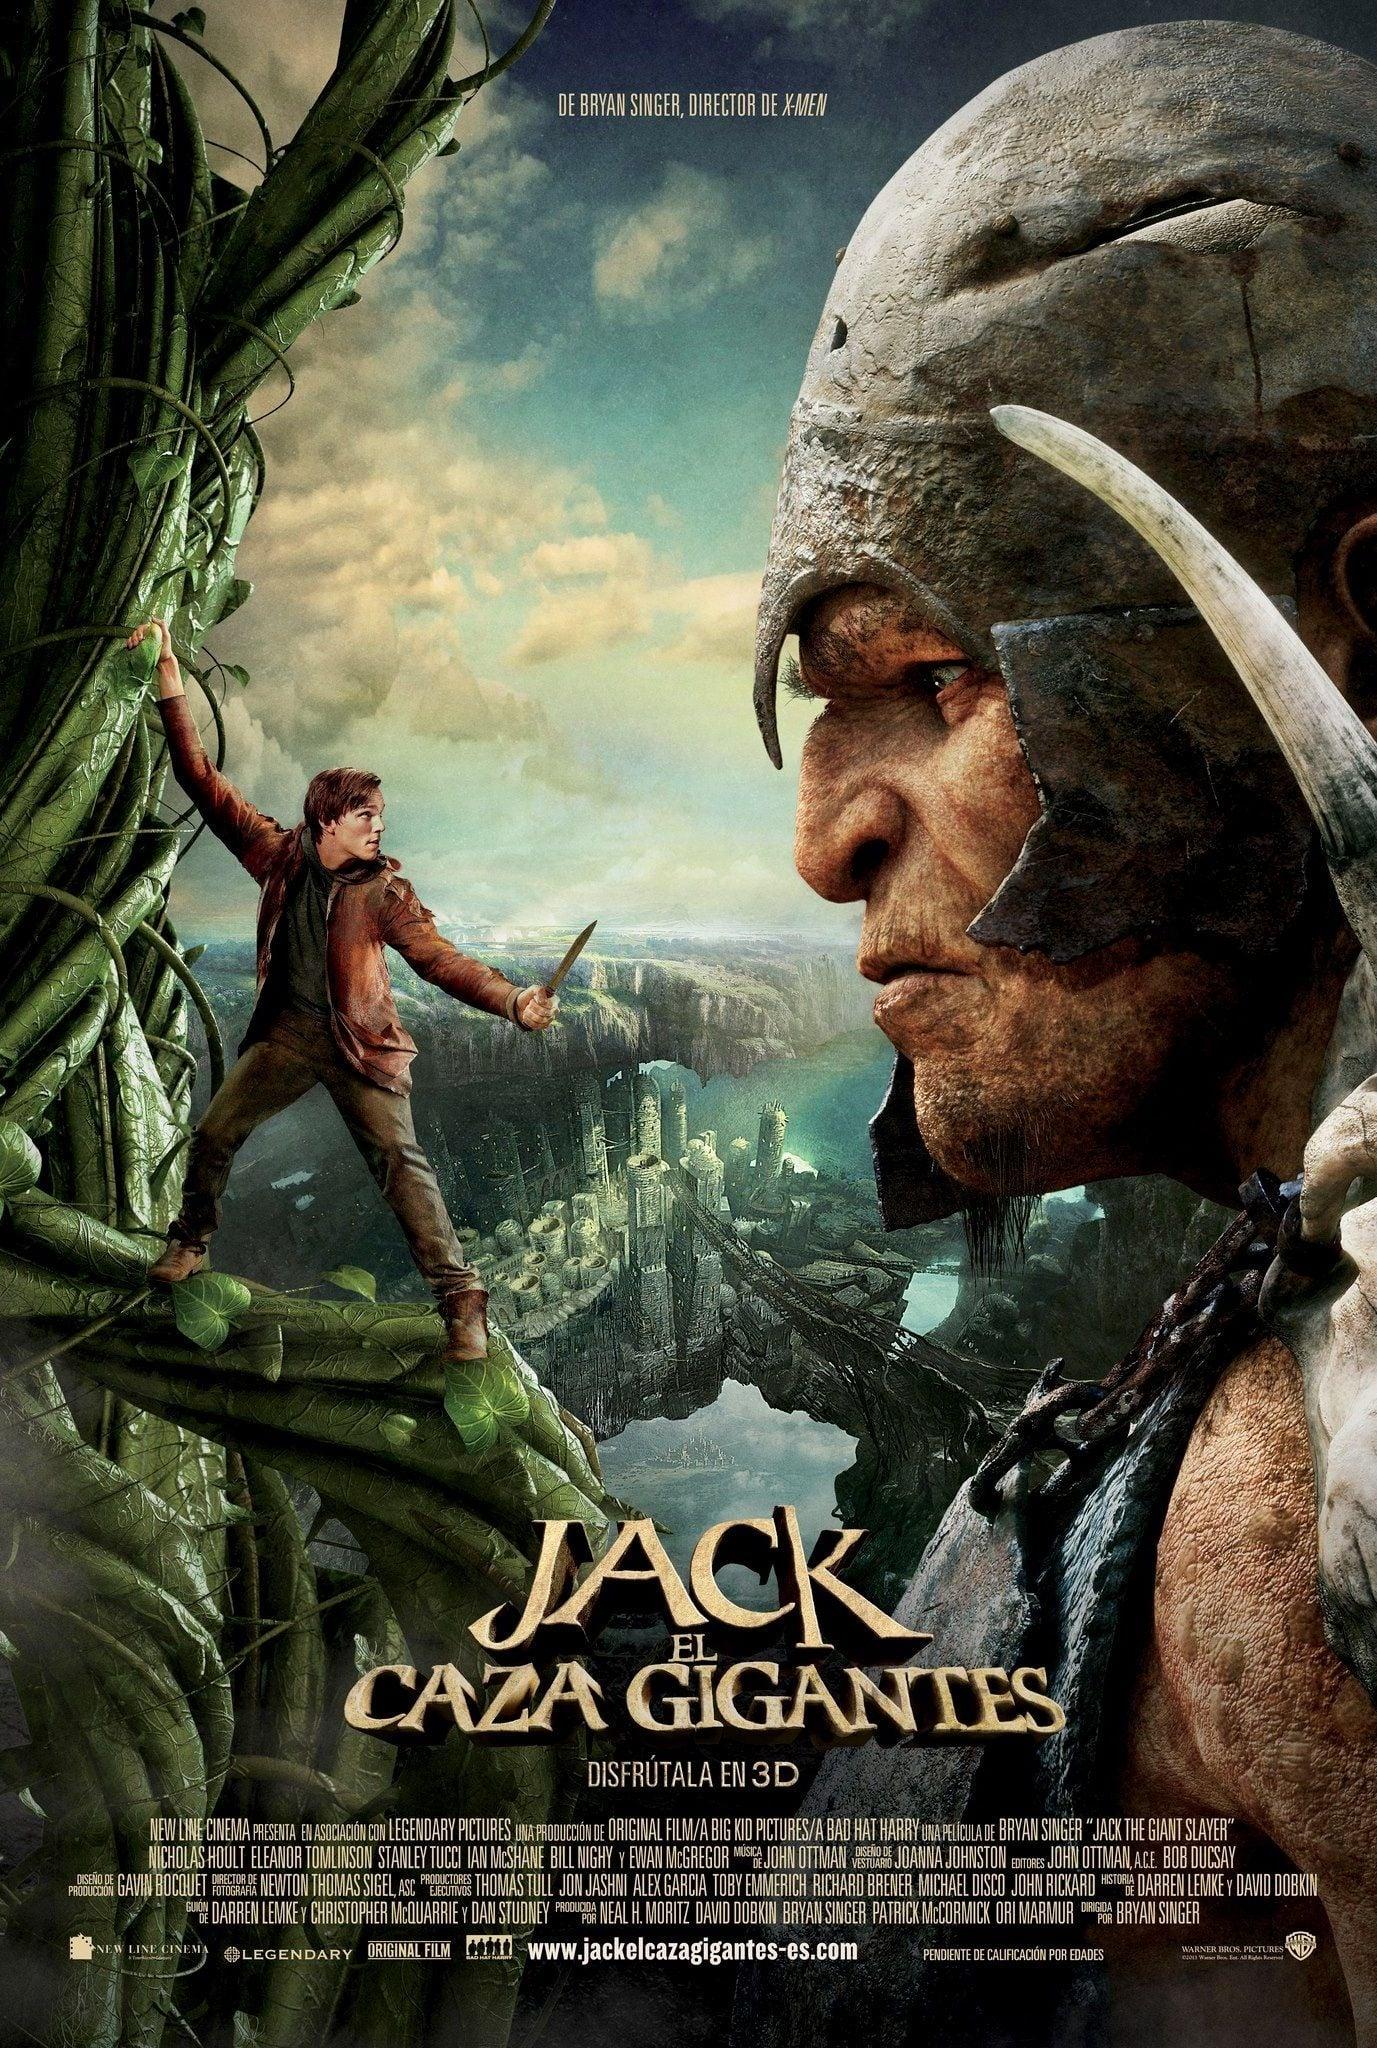 Jack, el cazagigantes poster